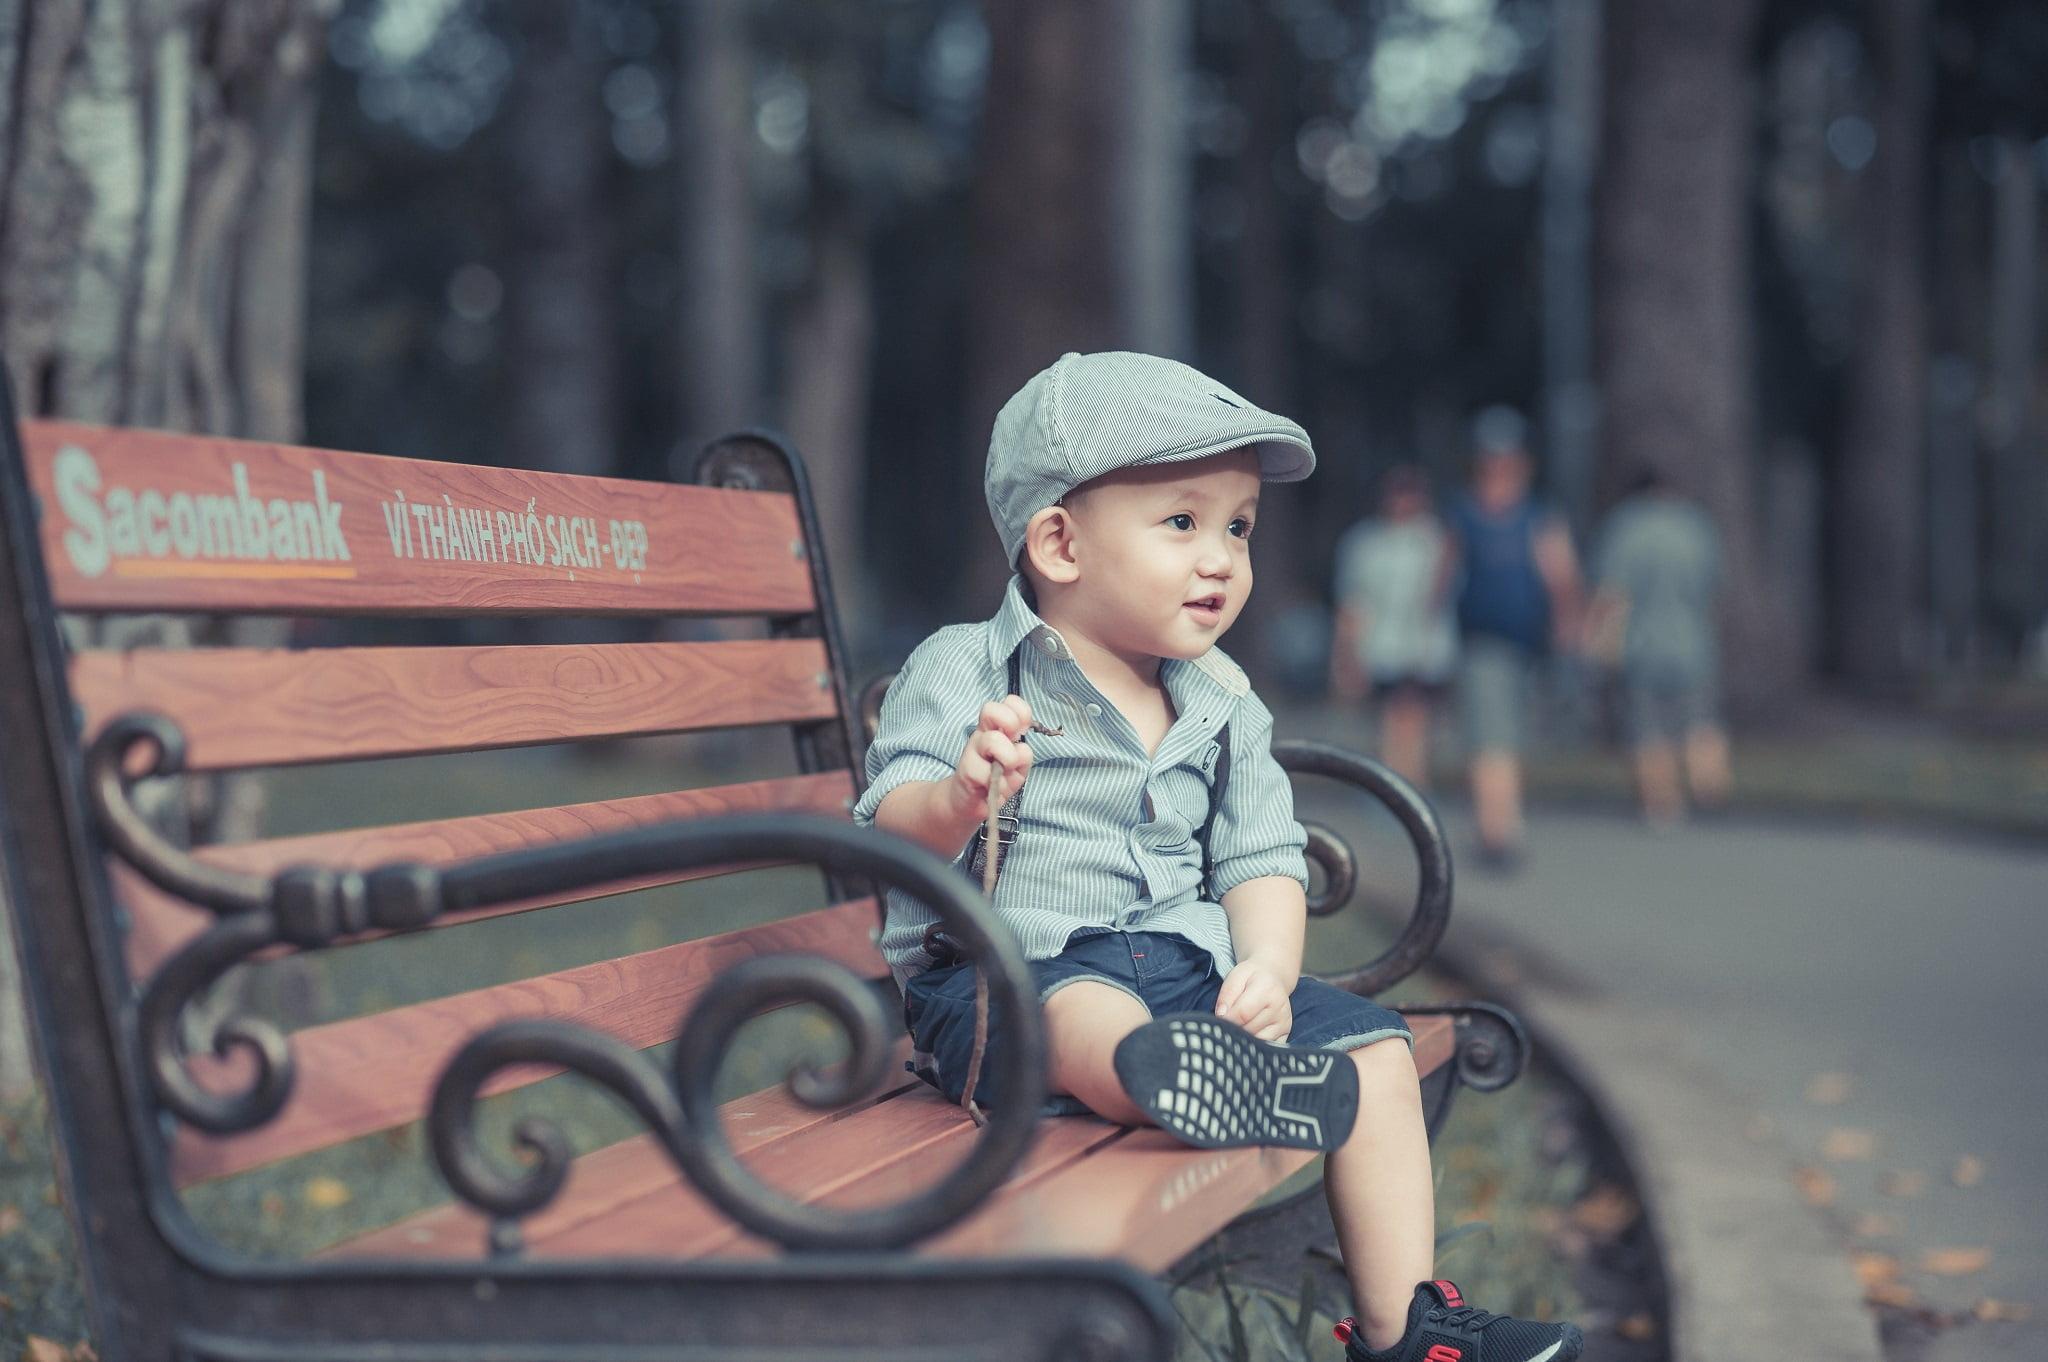 Chụp hình trẻ em đẹp